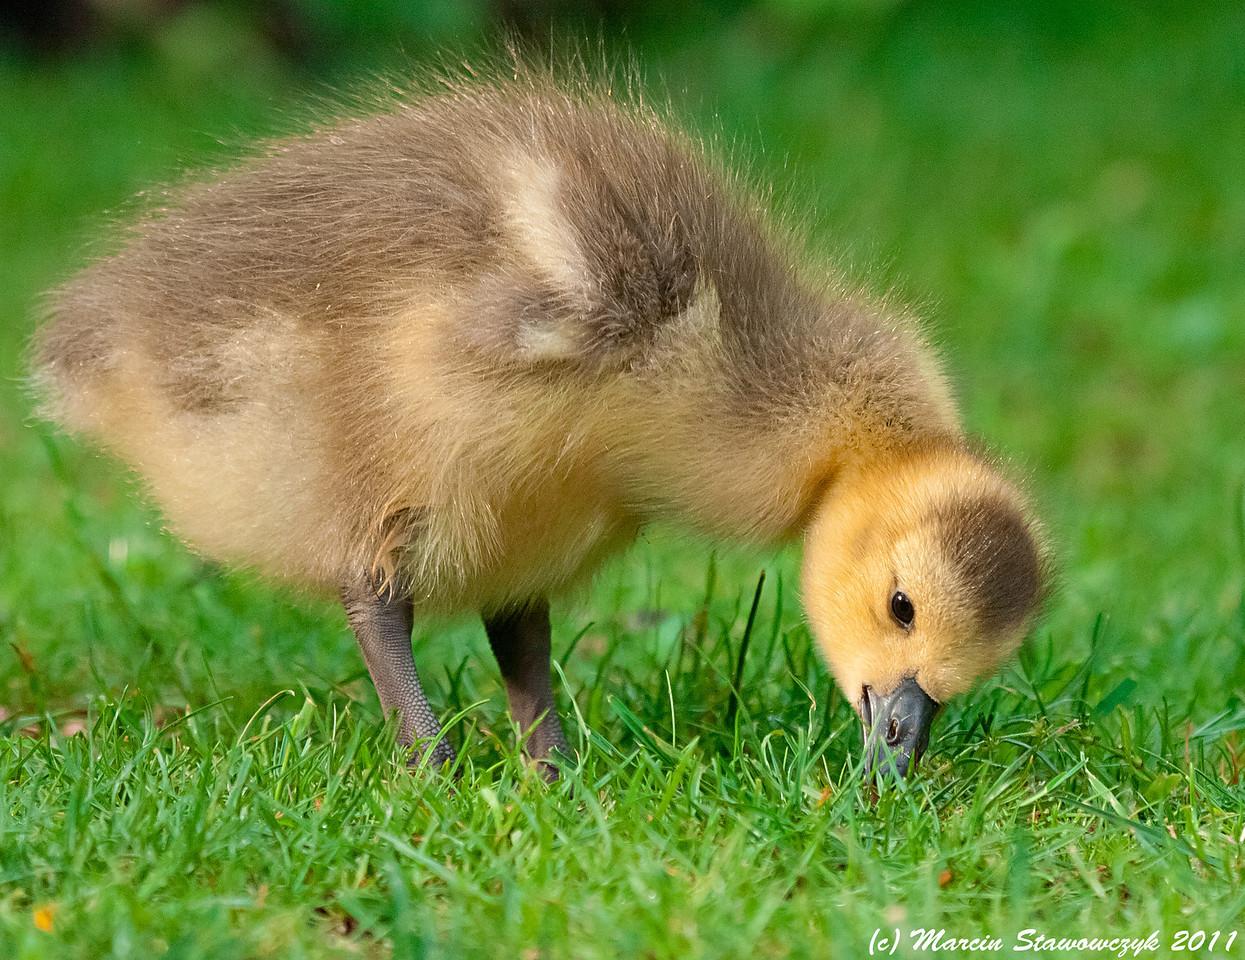 Feeding gosling